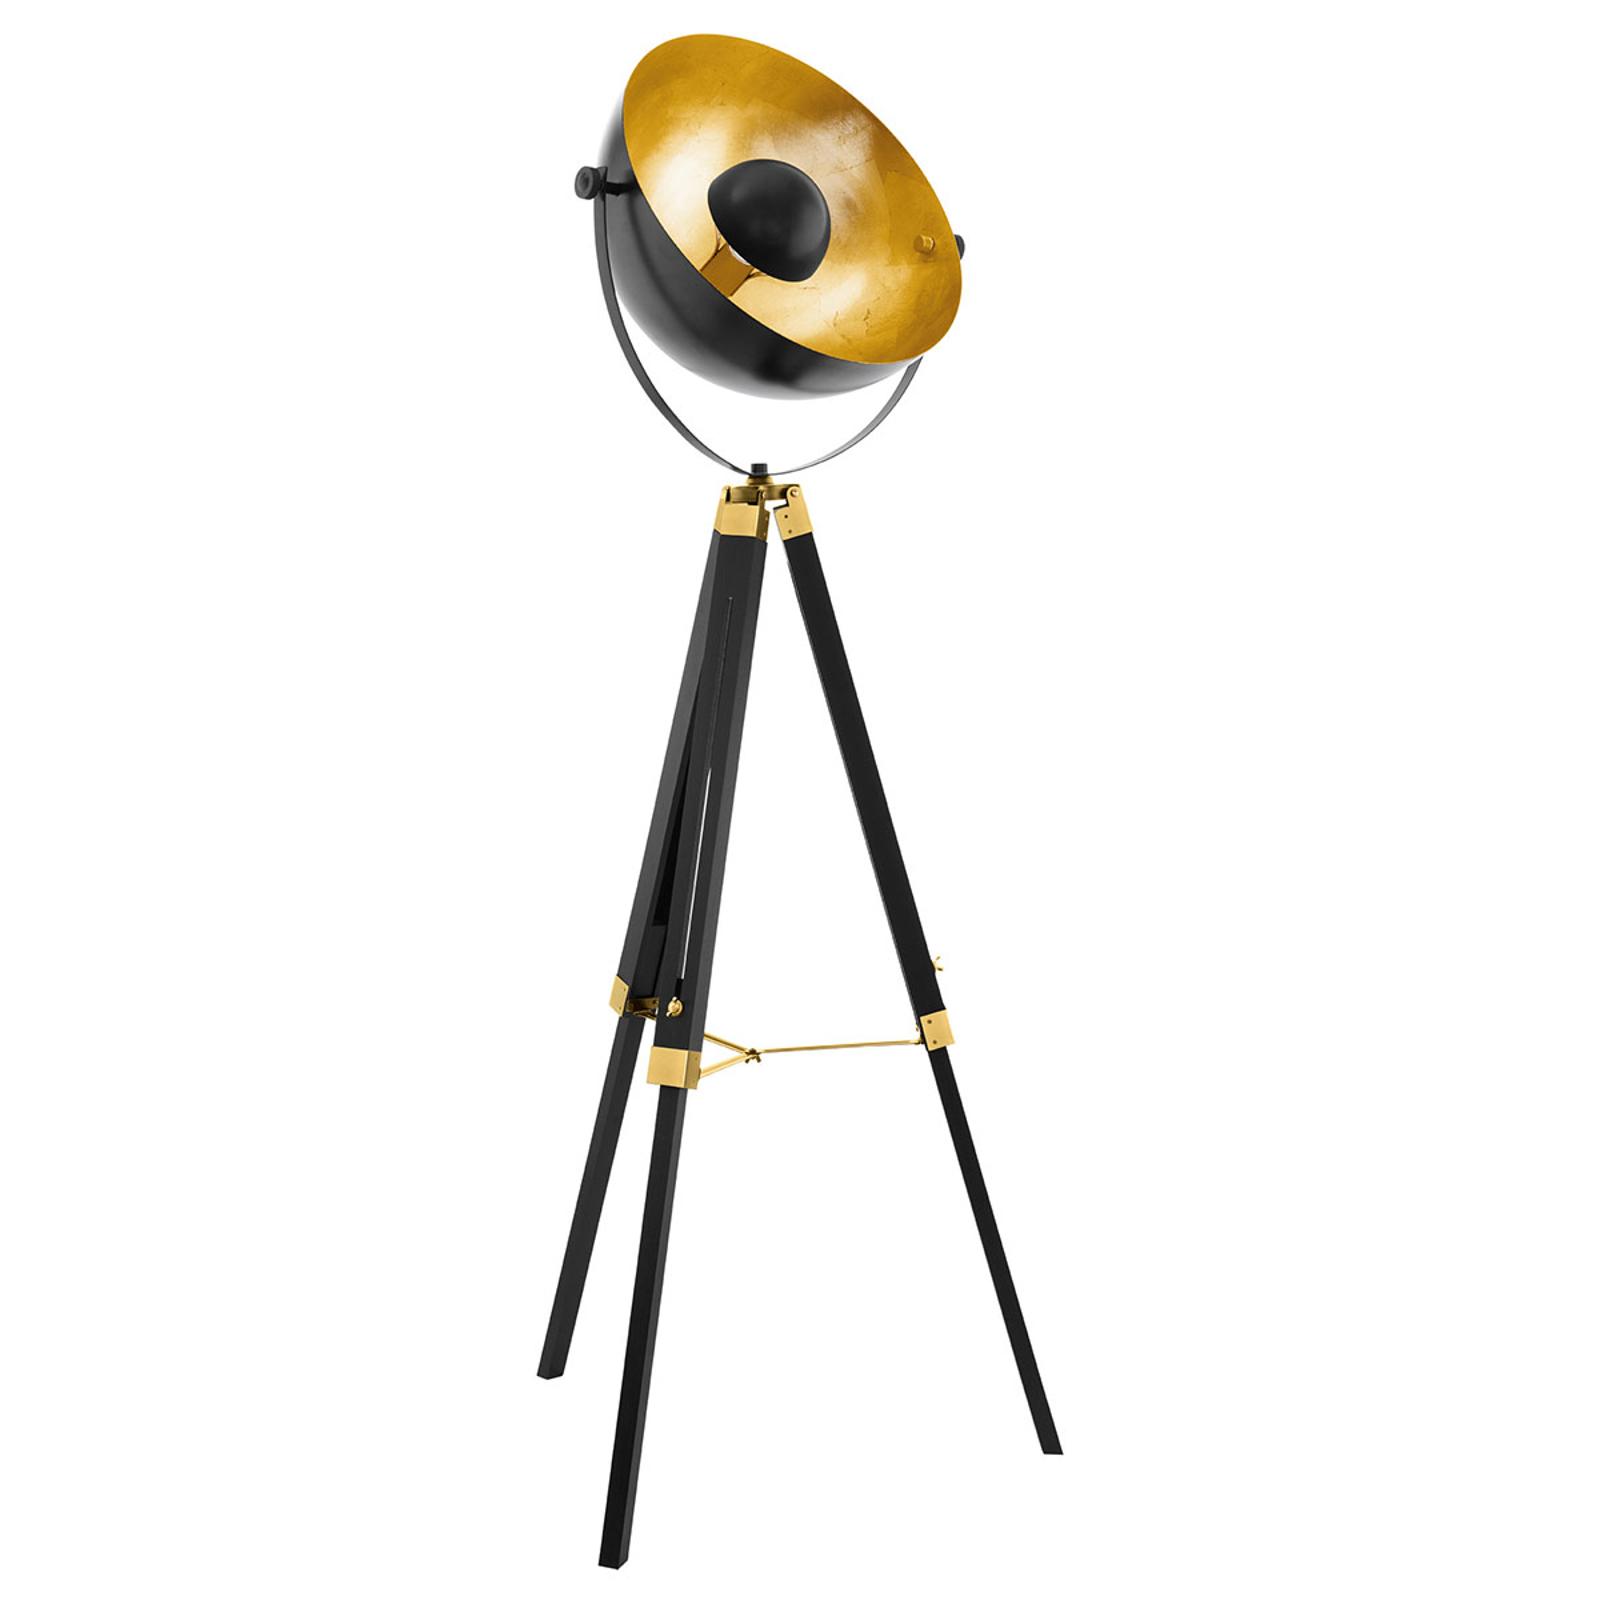 Covaleda standerlampe med trefod, sort, guld